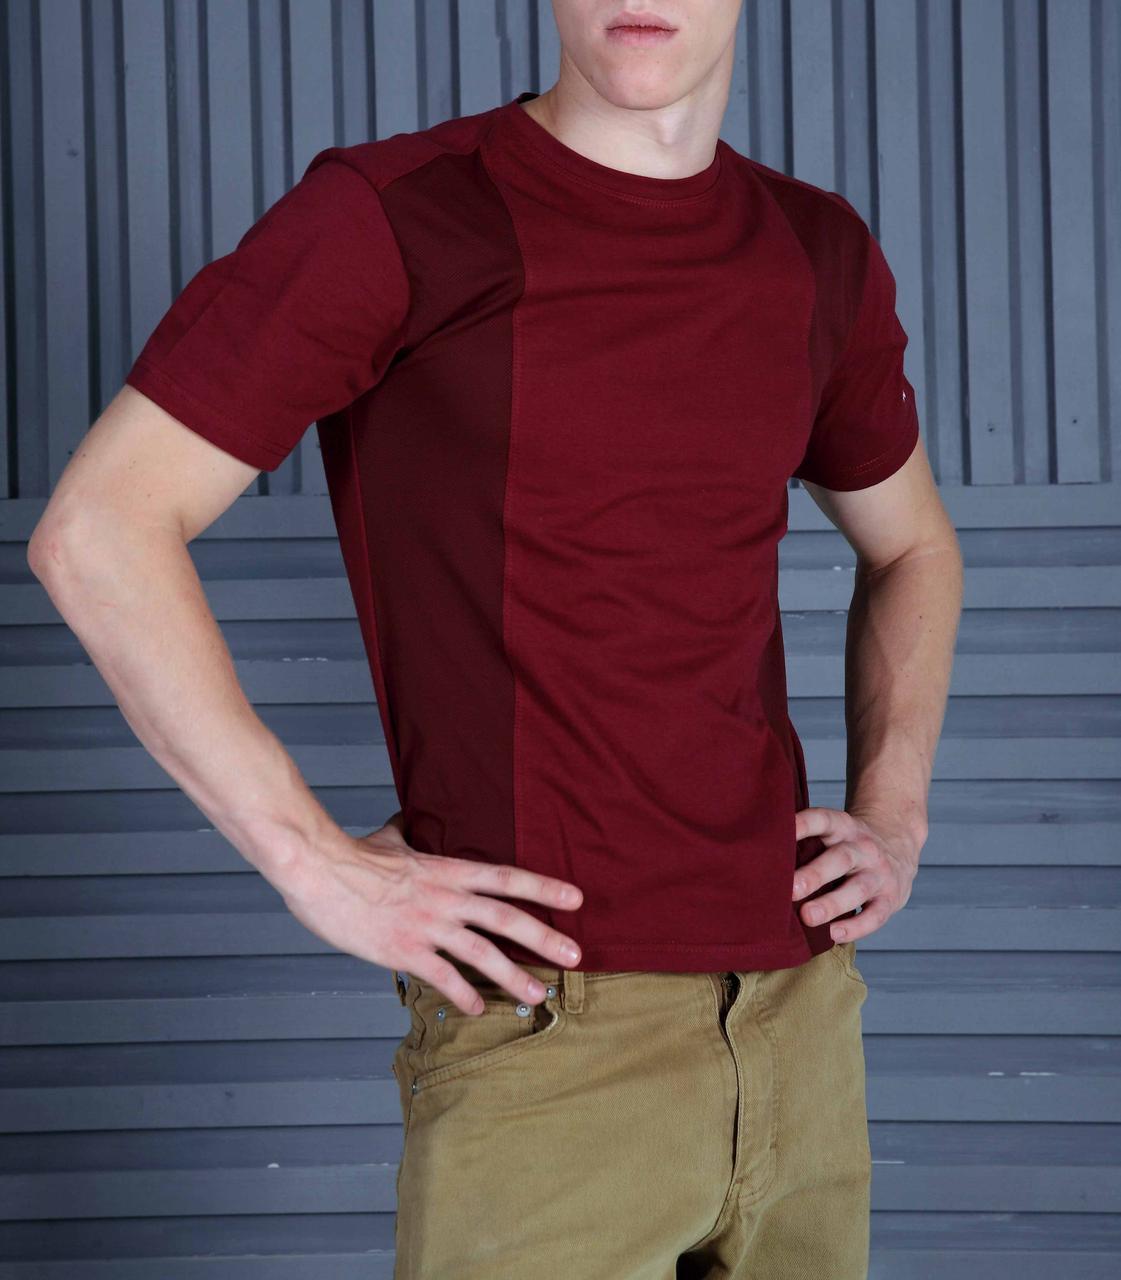 Мужская футболка комби бордо